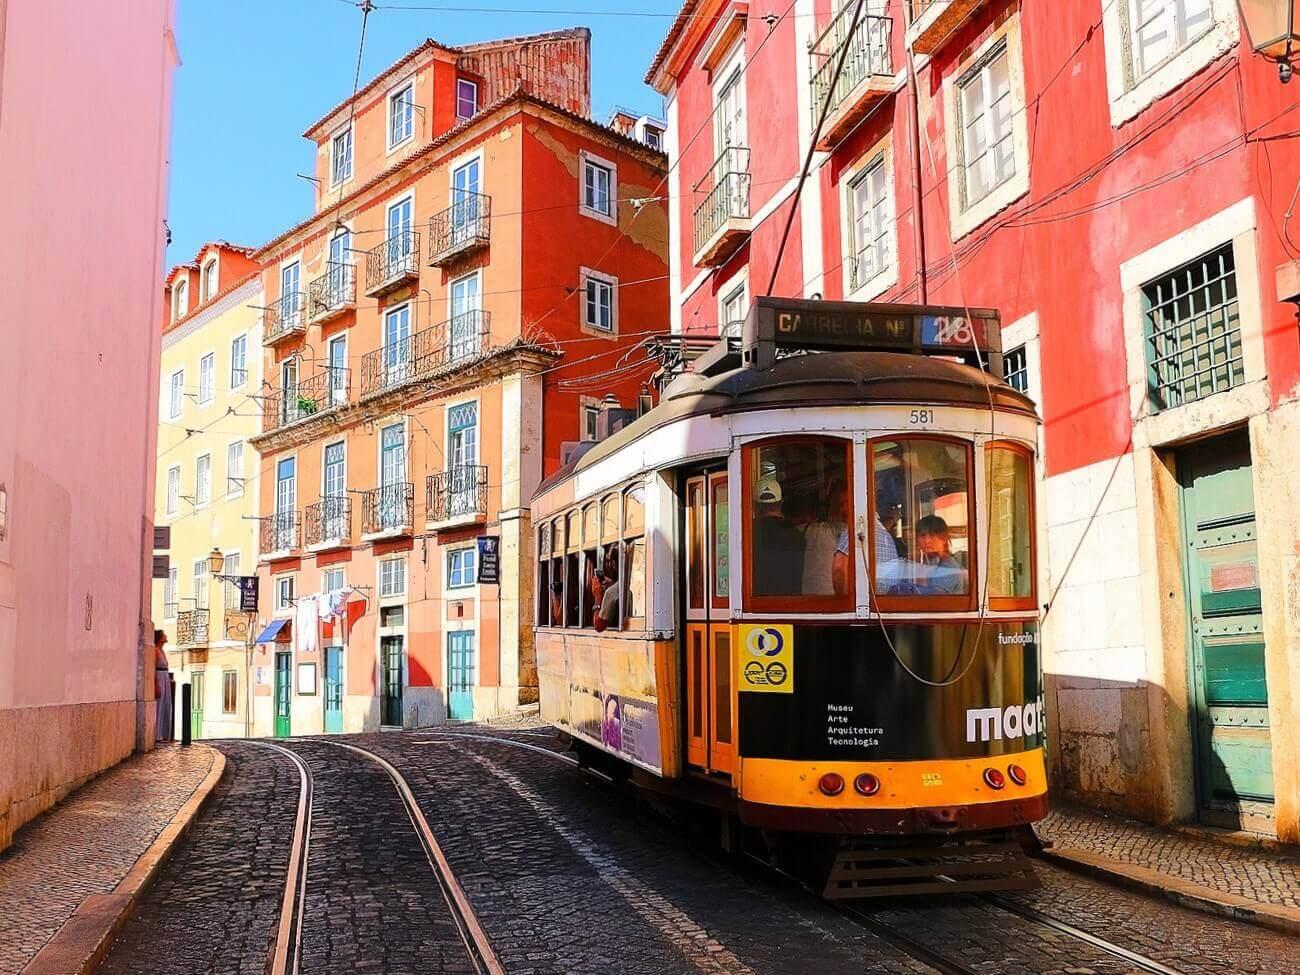 ポルトガルのカラフルな街中を走行する路面電車